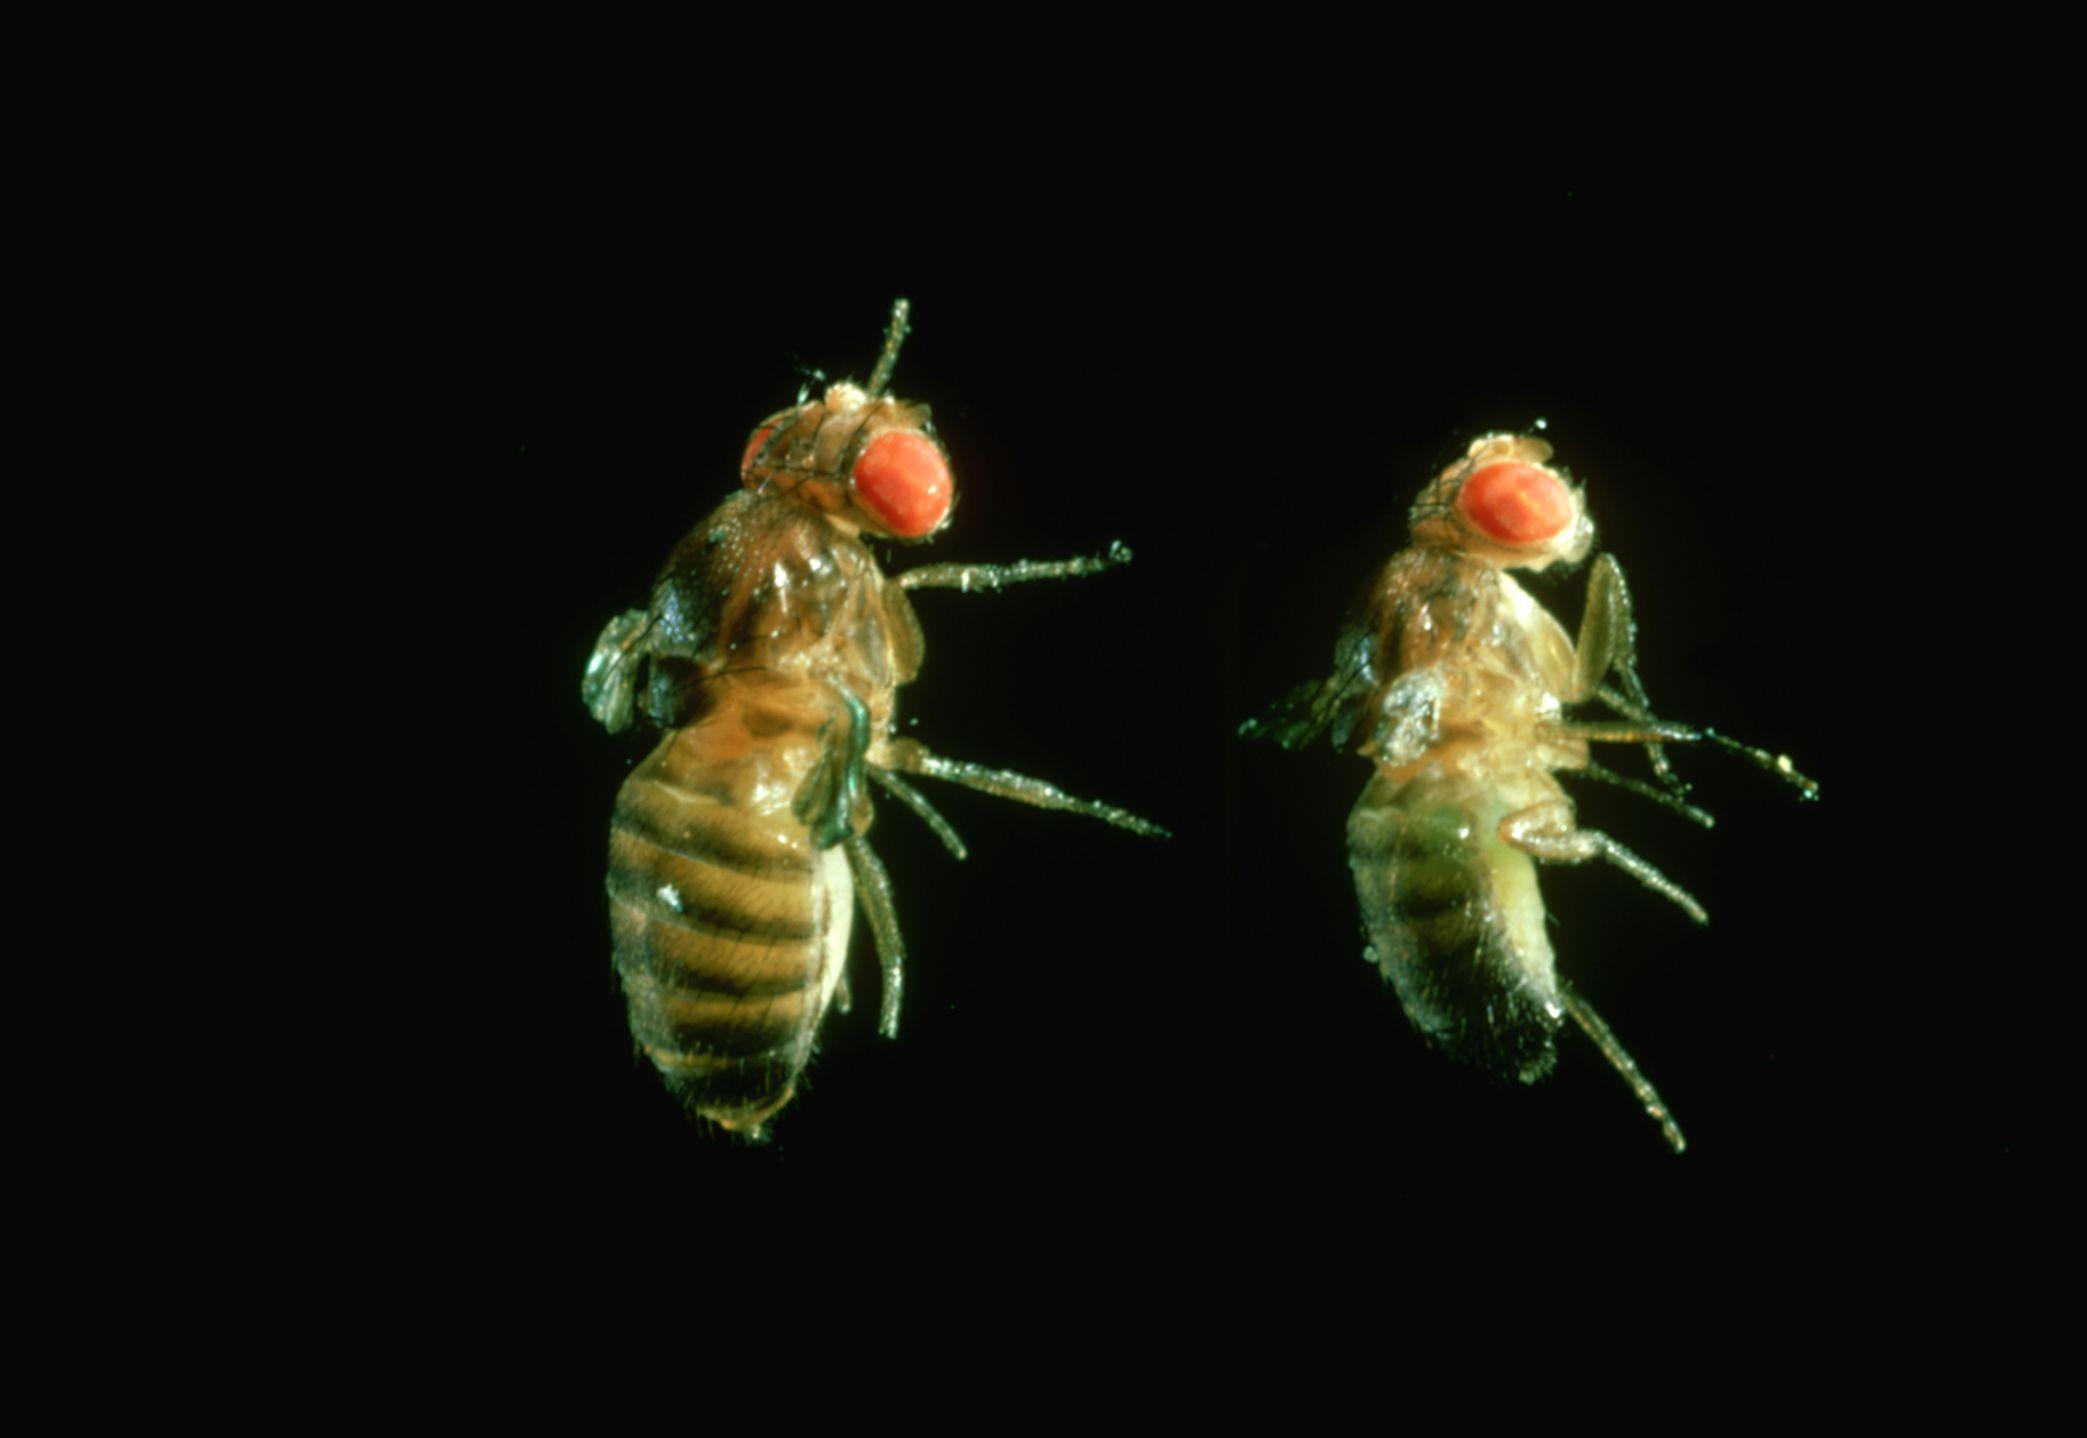 Fruit Flies with Vestigial Wings